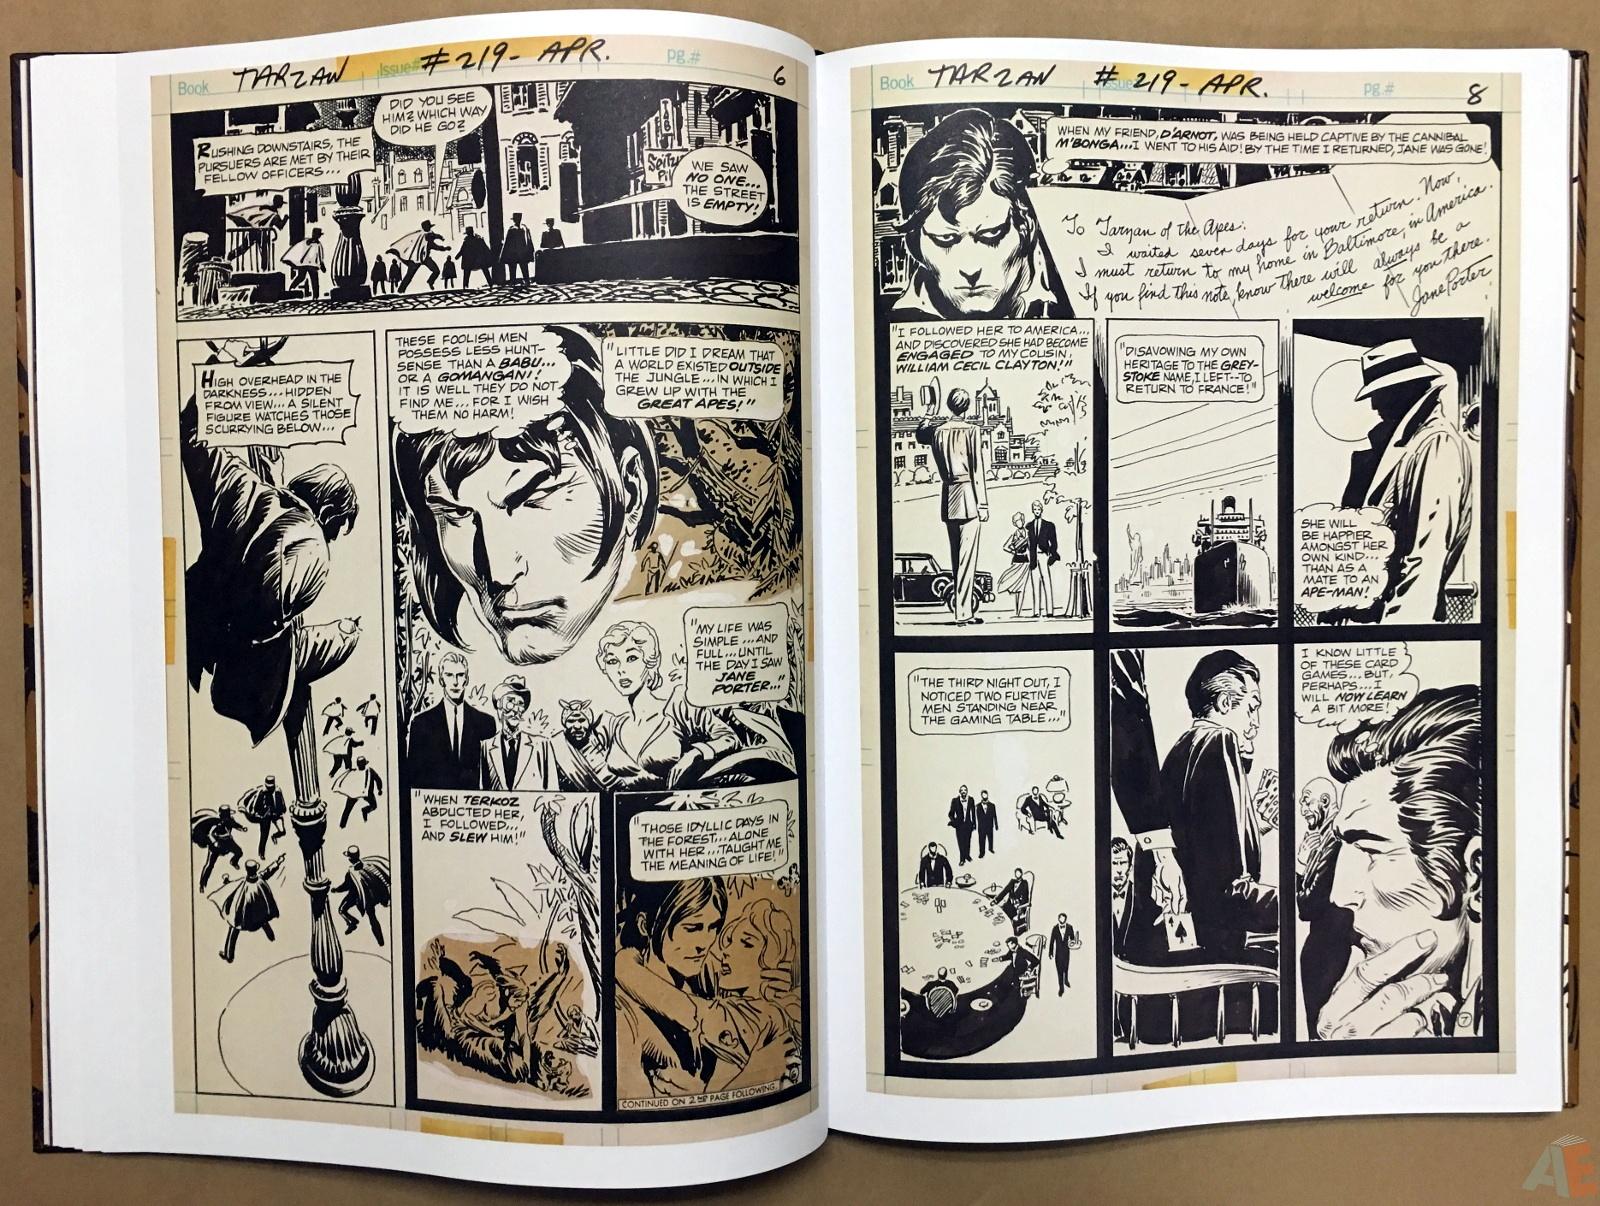 Joe Kubert's The Return Of Tarzan Artist's Edition 26